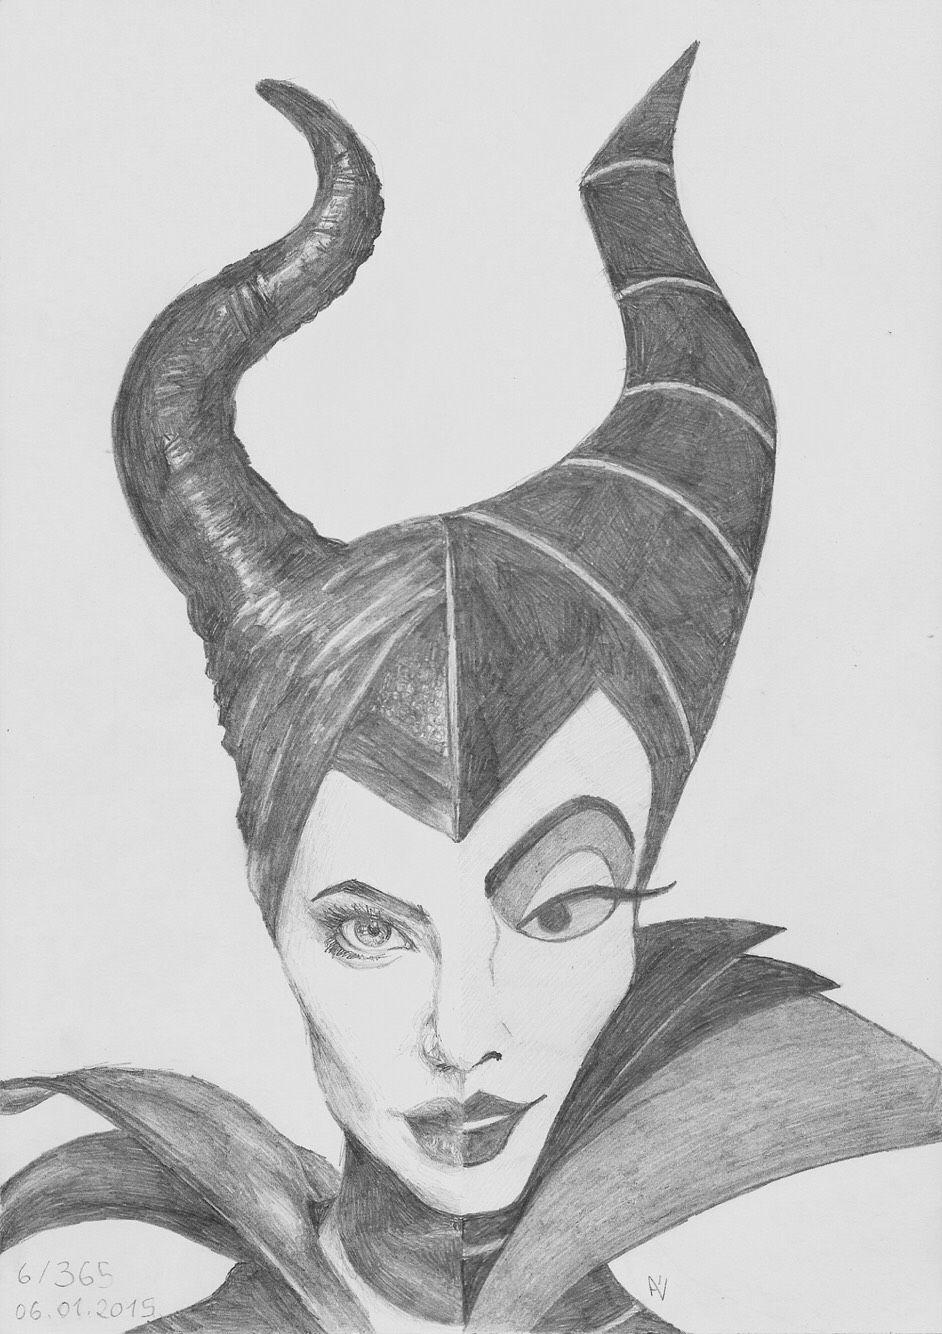 Resultado de imagem para cool pencil drawings tumblr